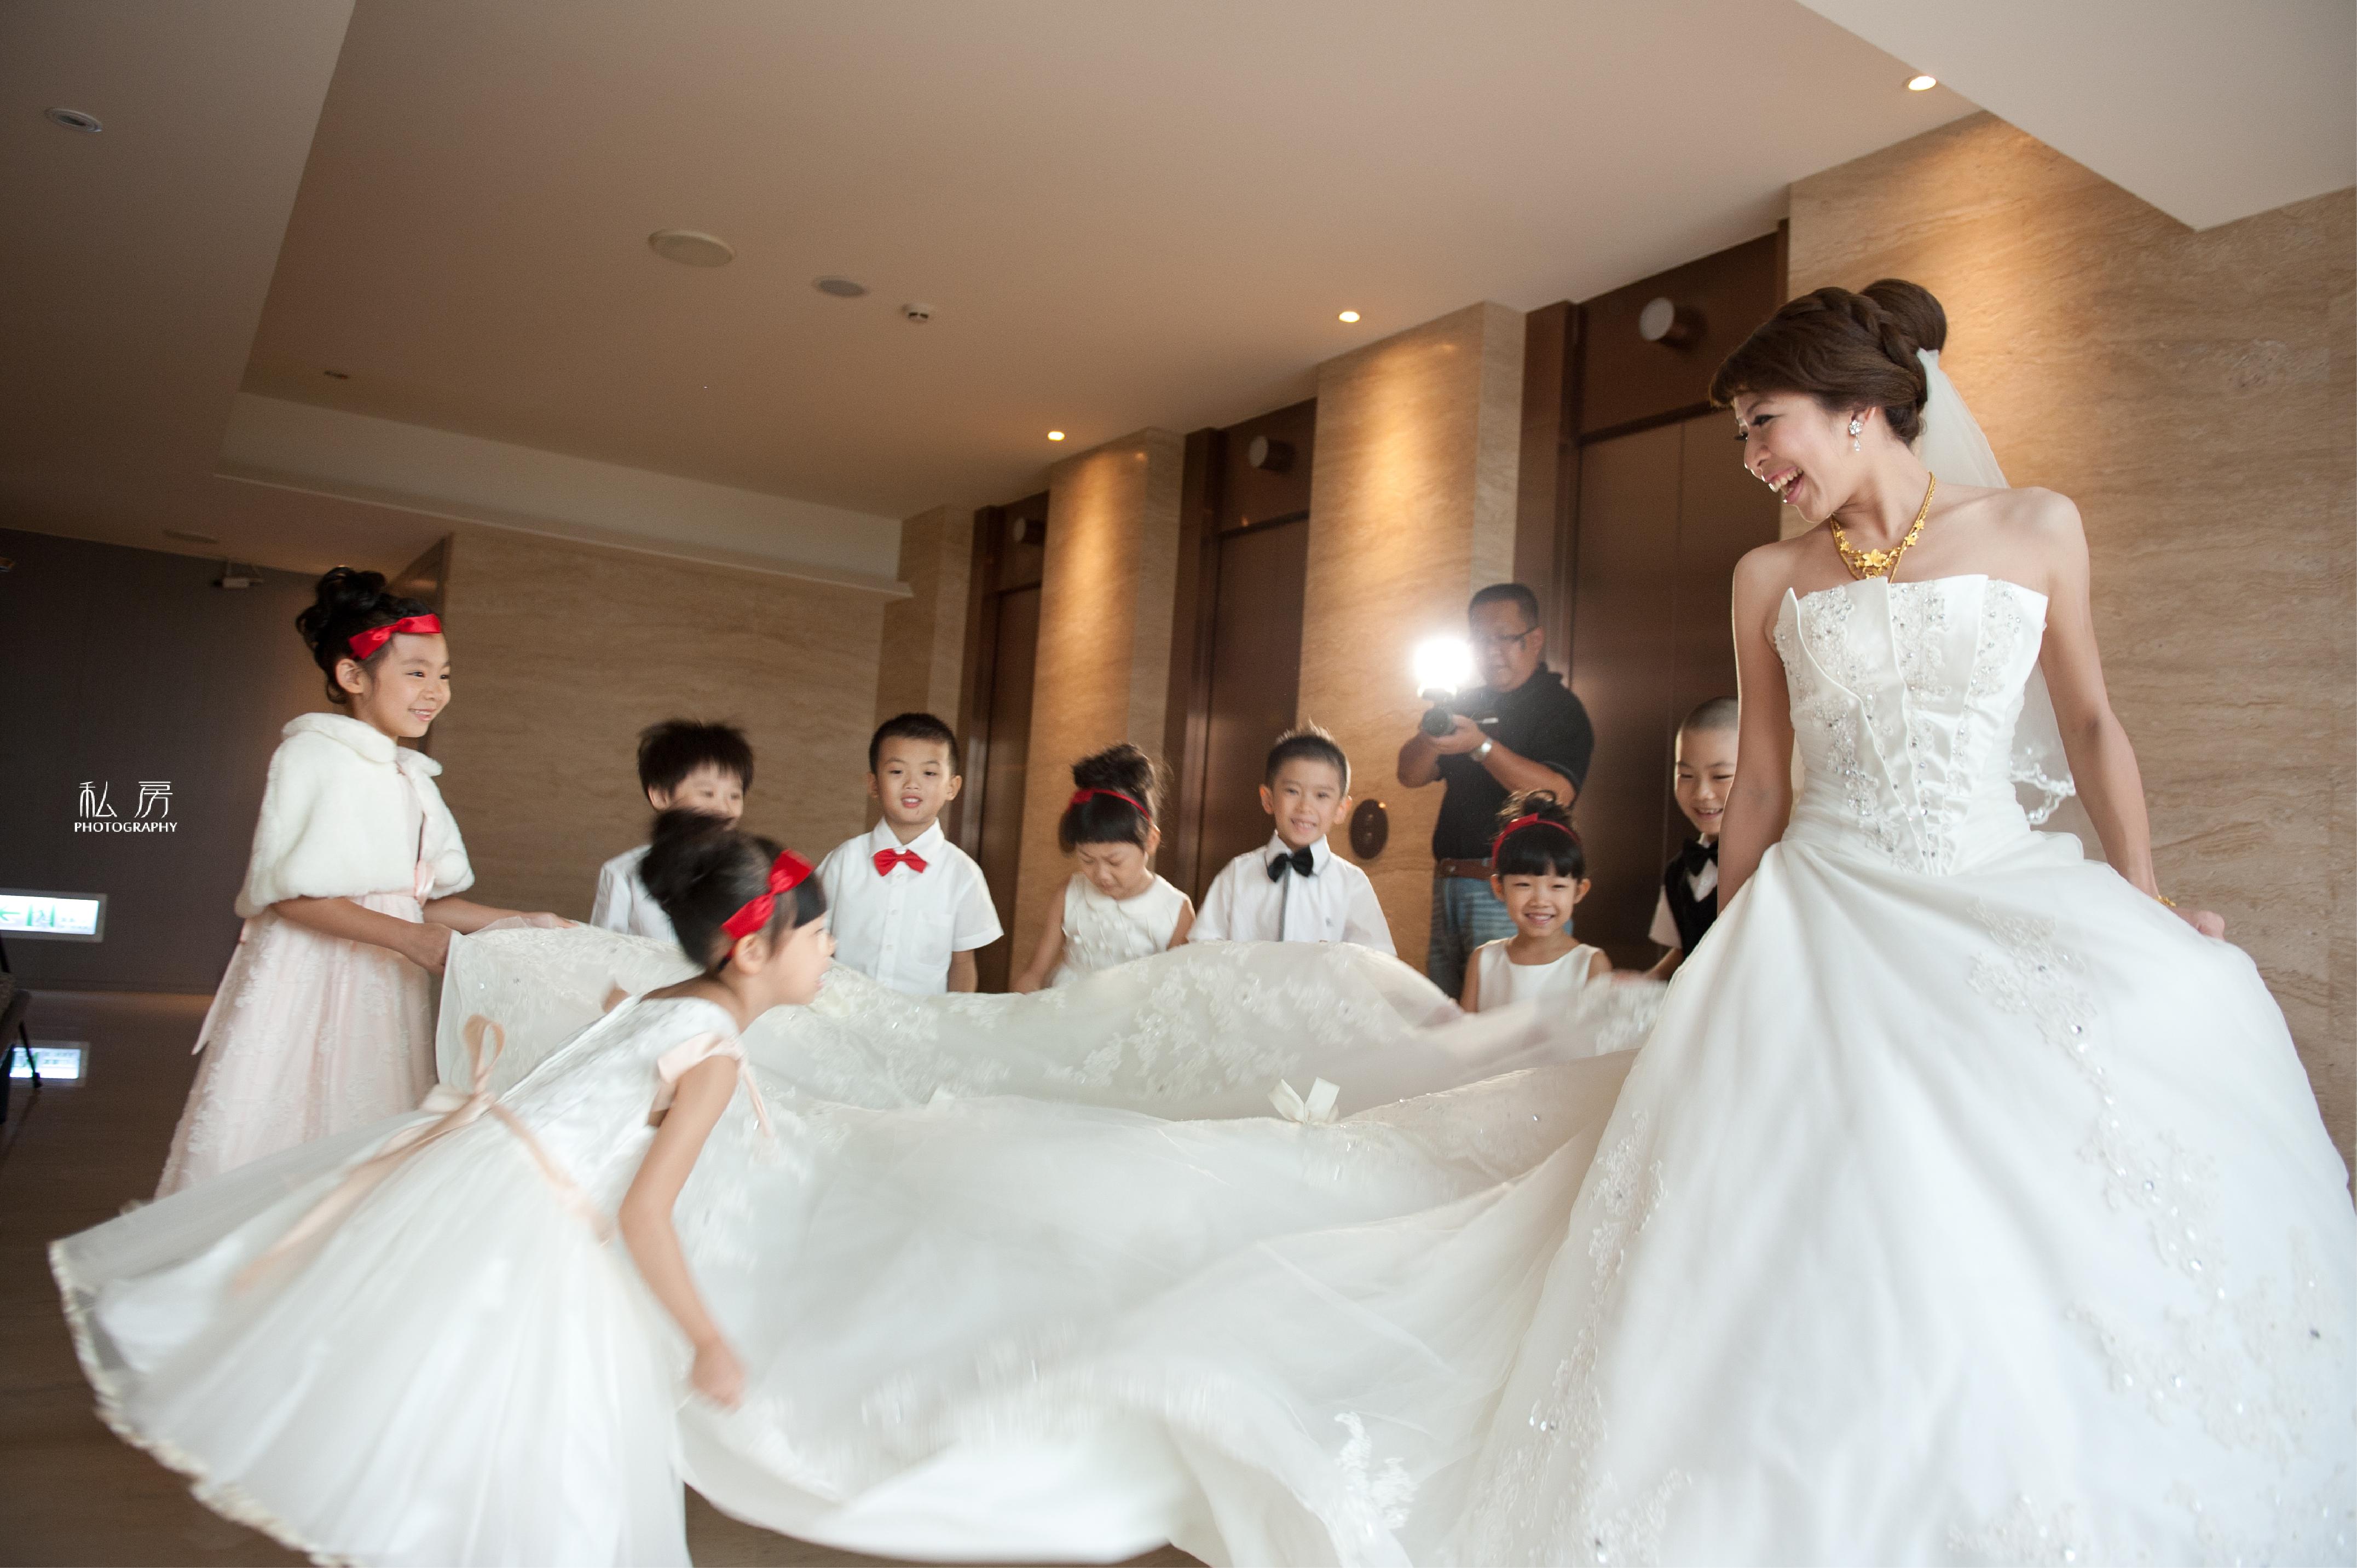 新娘與女孩們-02